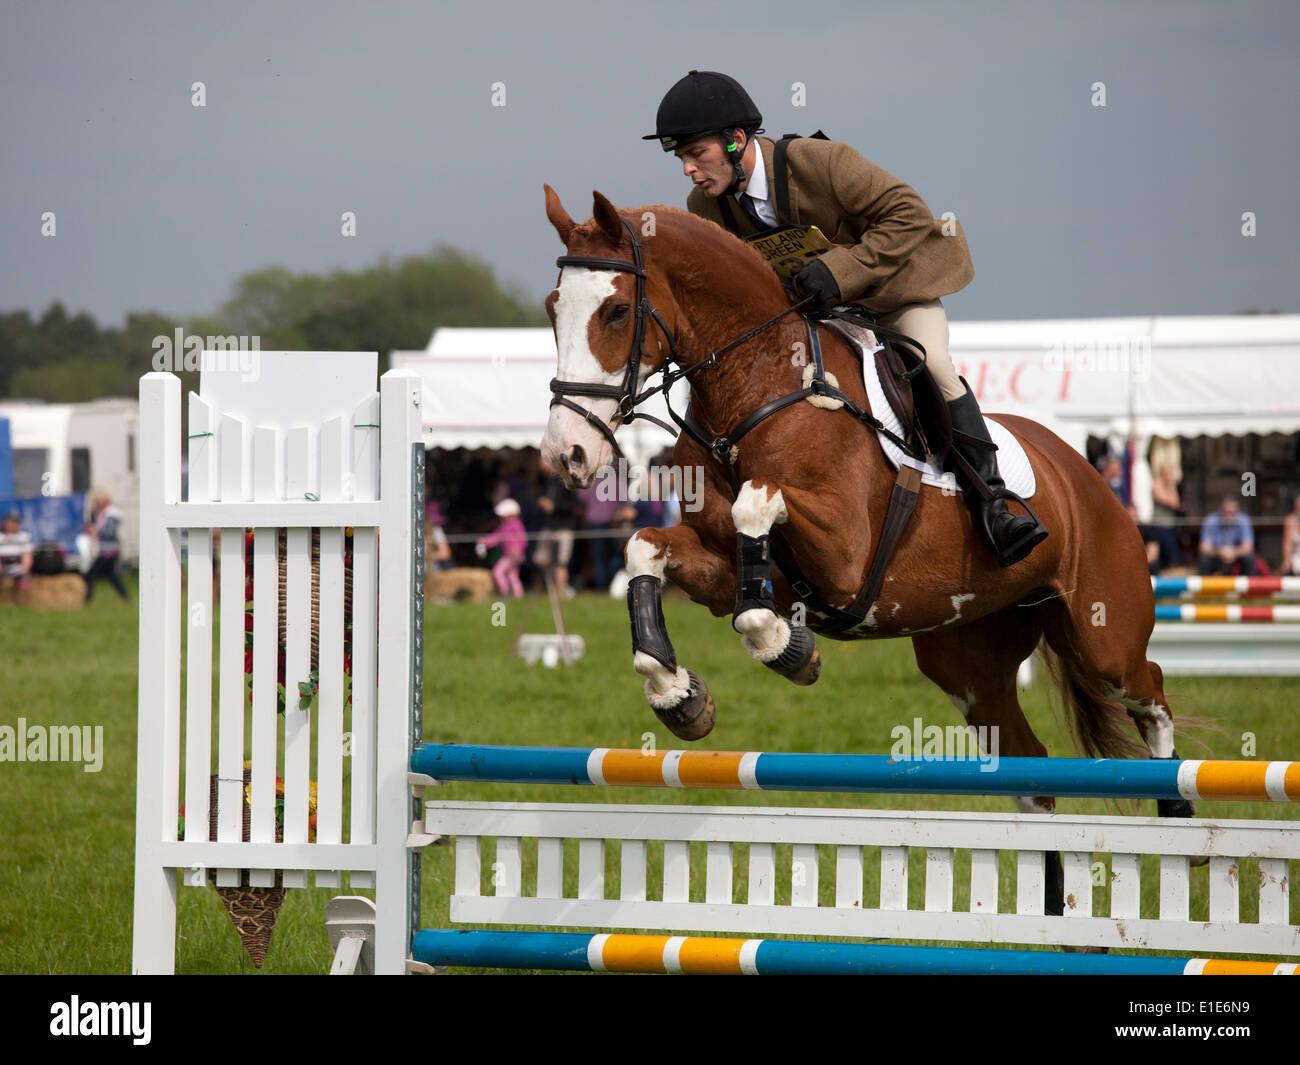 Belsay, Reino Unido. Desde el 01 de junio de 2014. Un competidor en la sección show jumping borra un salto Imagen De Stock